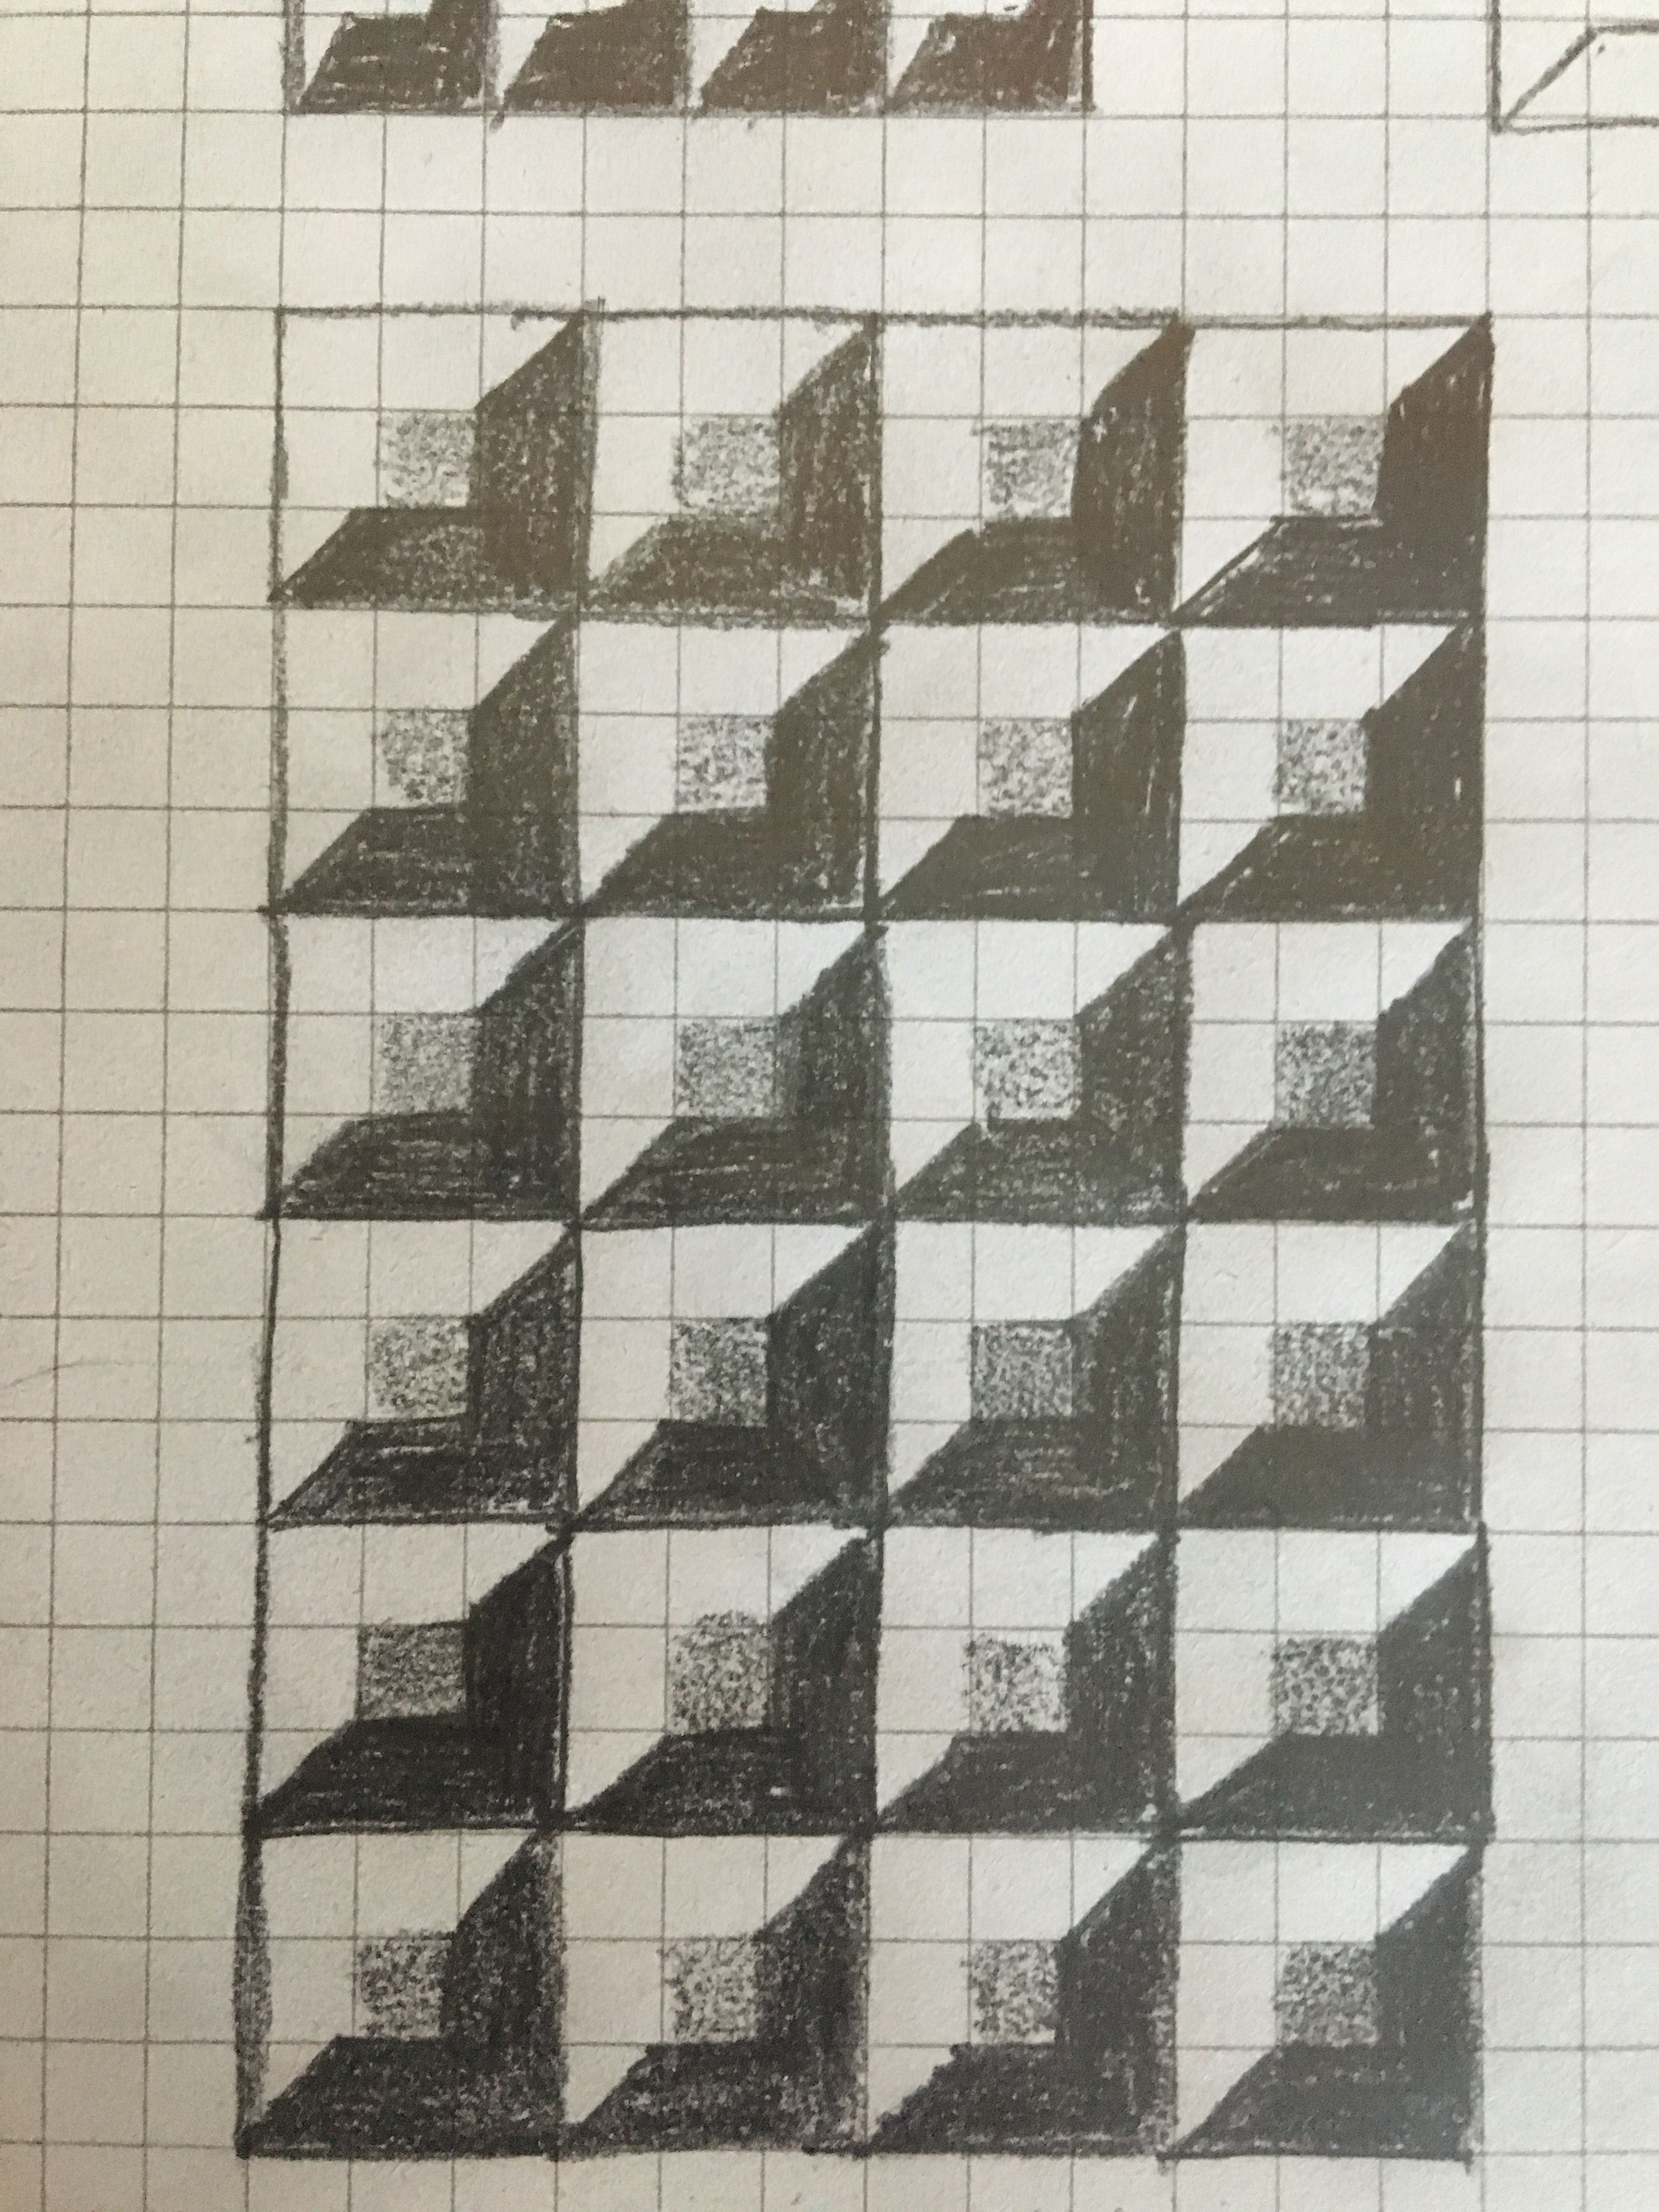 Dobryj Mosaico Dibujos Papel Cuadriculado Dibujos En Cuadricula Papel Cuadriculado Diseno Grafico Geometrico